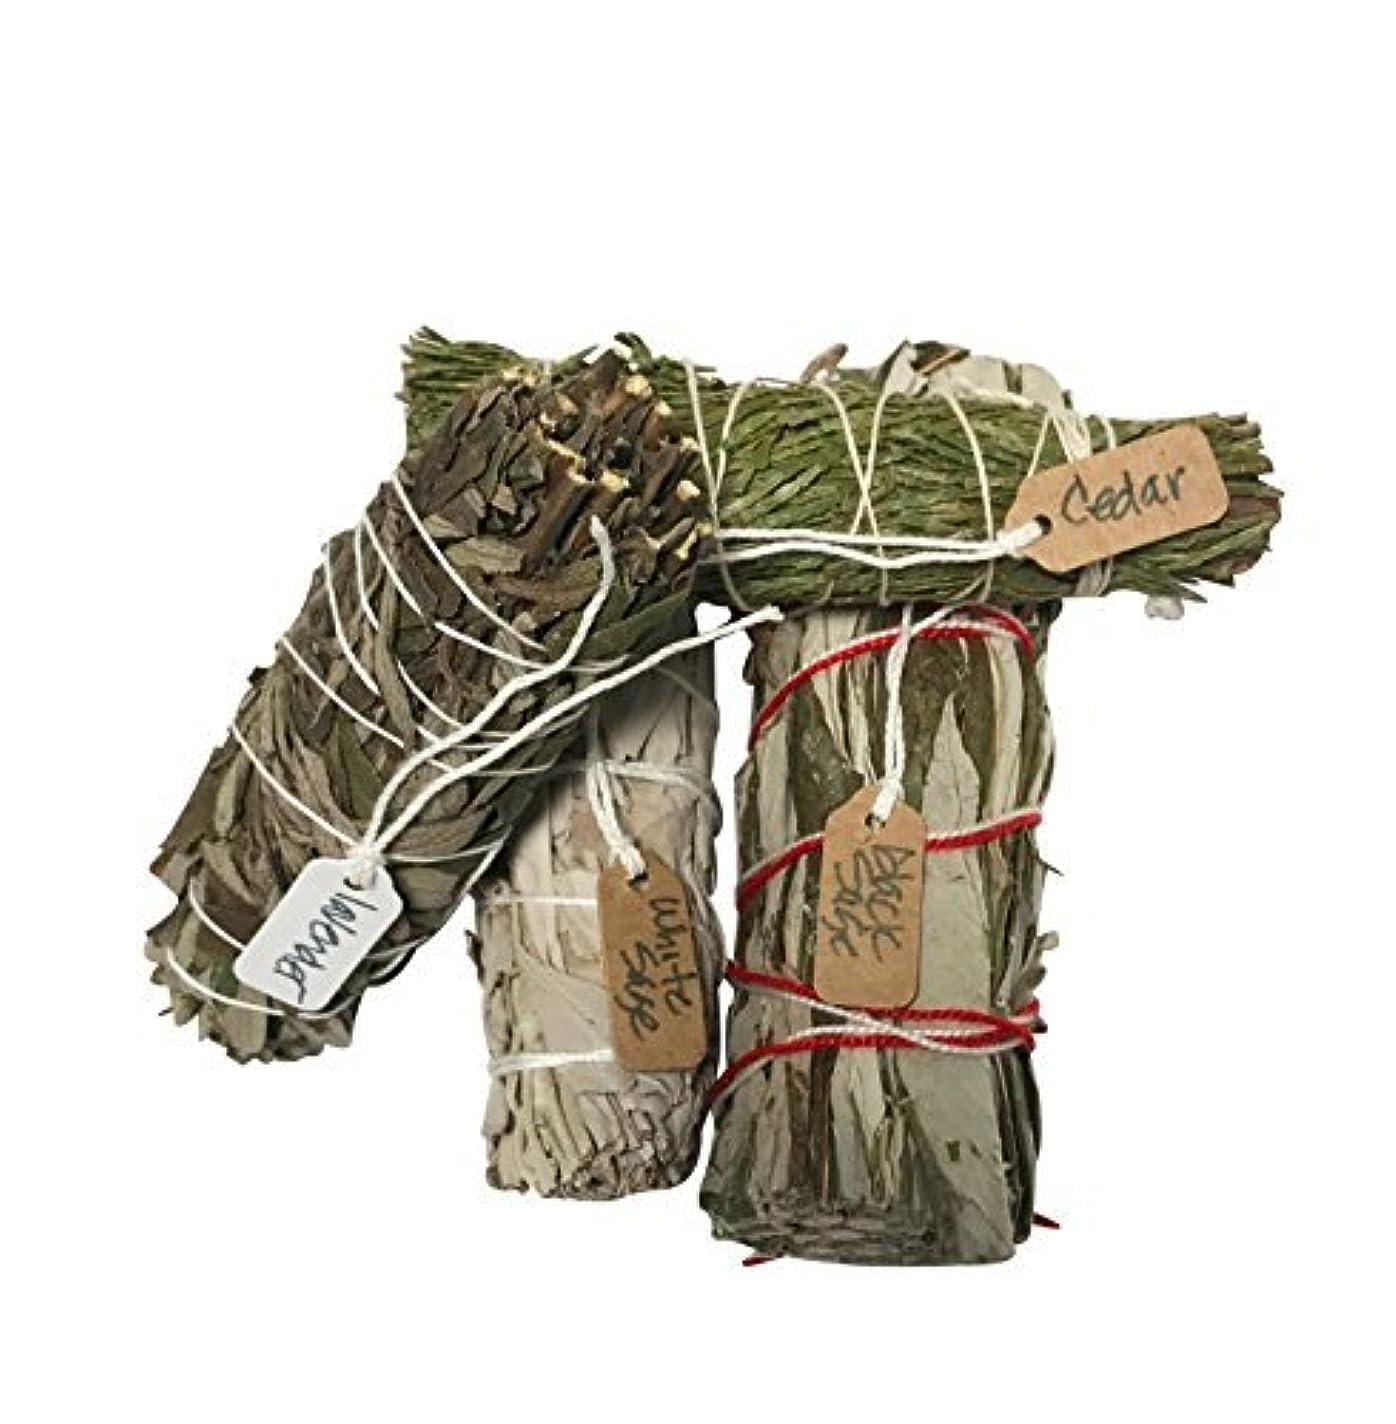 りアクロバット拡散するさまざまなSmudge Sticksサンプル最高級のための機会ホワイトセージ、ラベンダー、杉、ブラックセージ1つの各4 Inches Long。